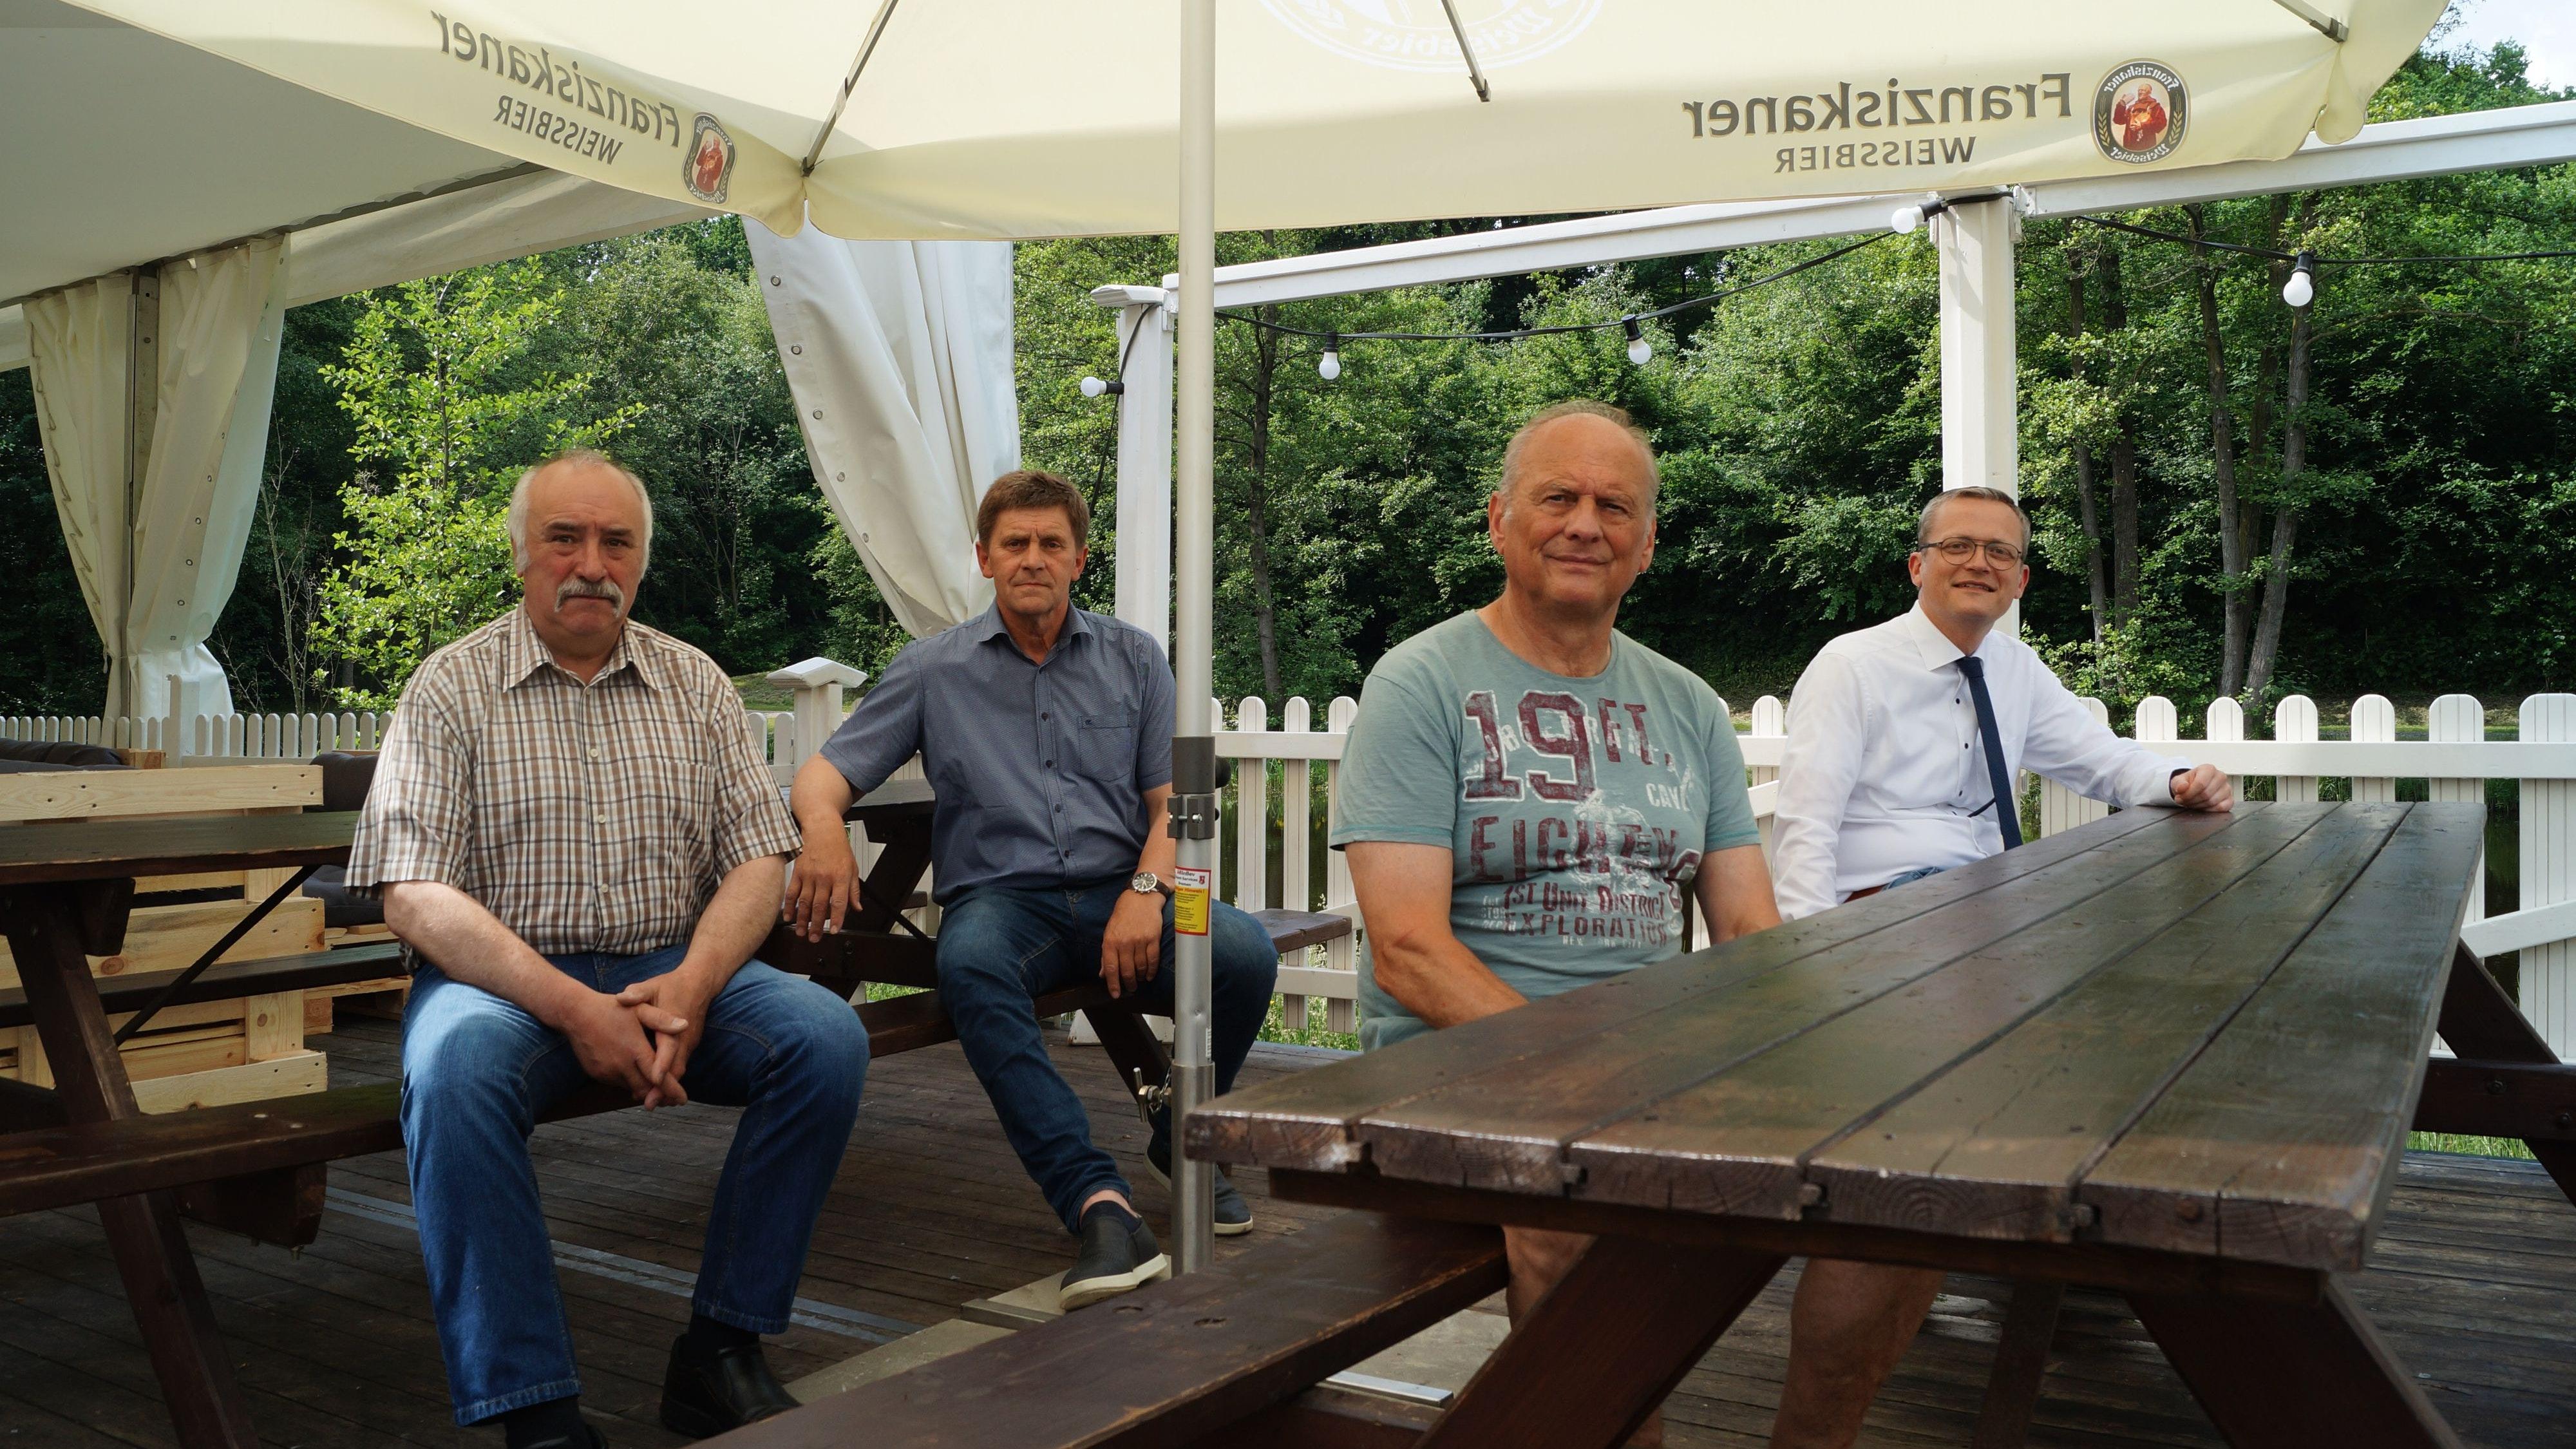 Nehmen schon einmal Platz: Marktmeister Clemens Berndmeyer (von links), Christoph Eiken (HGV Bakum), Wirt Gerhard Beckmann und Bürgermeister Tobias Averbeck. Foto: C. Meyer